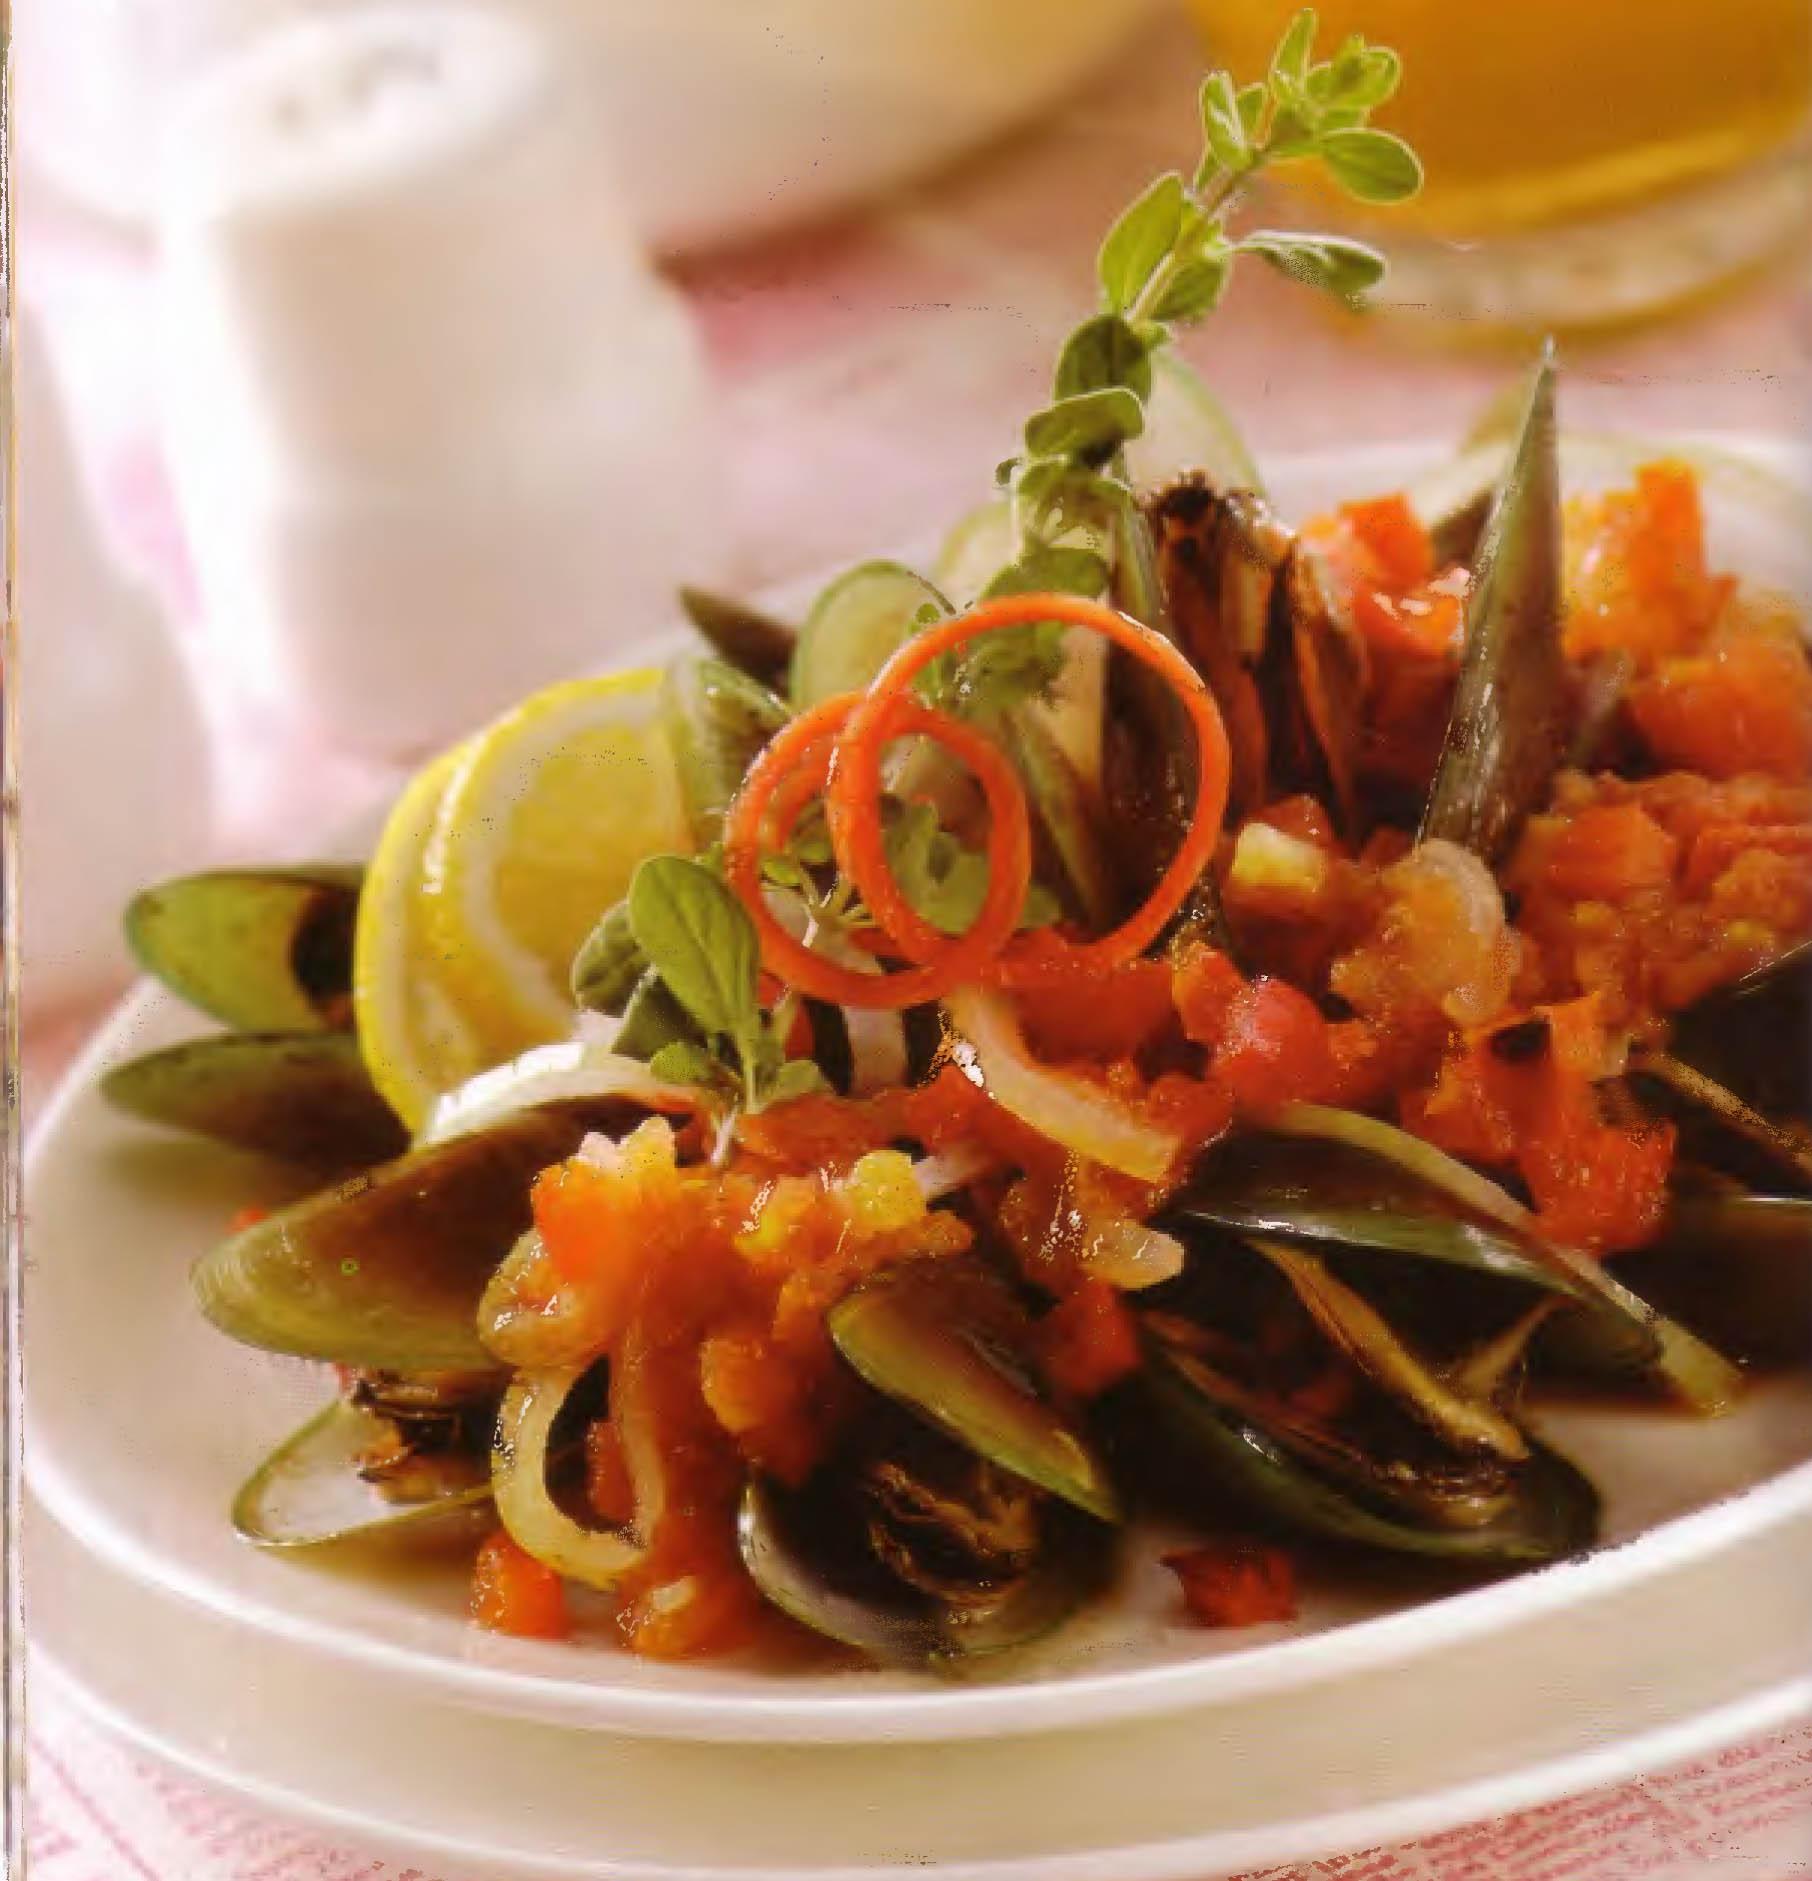 resep-kerang-saus-tomat